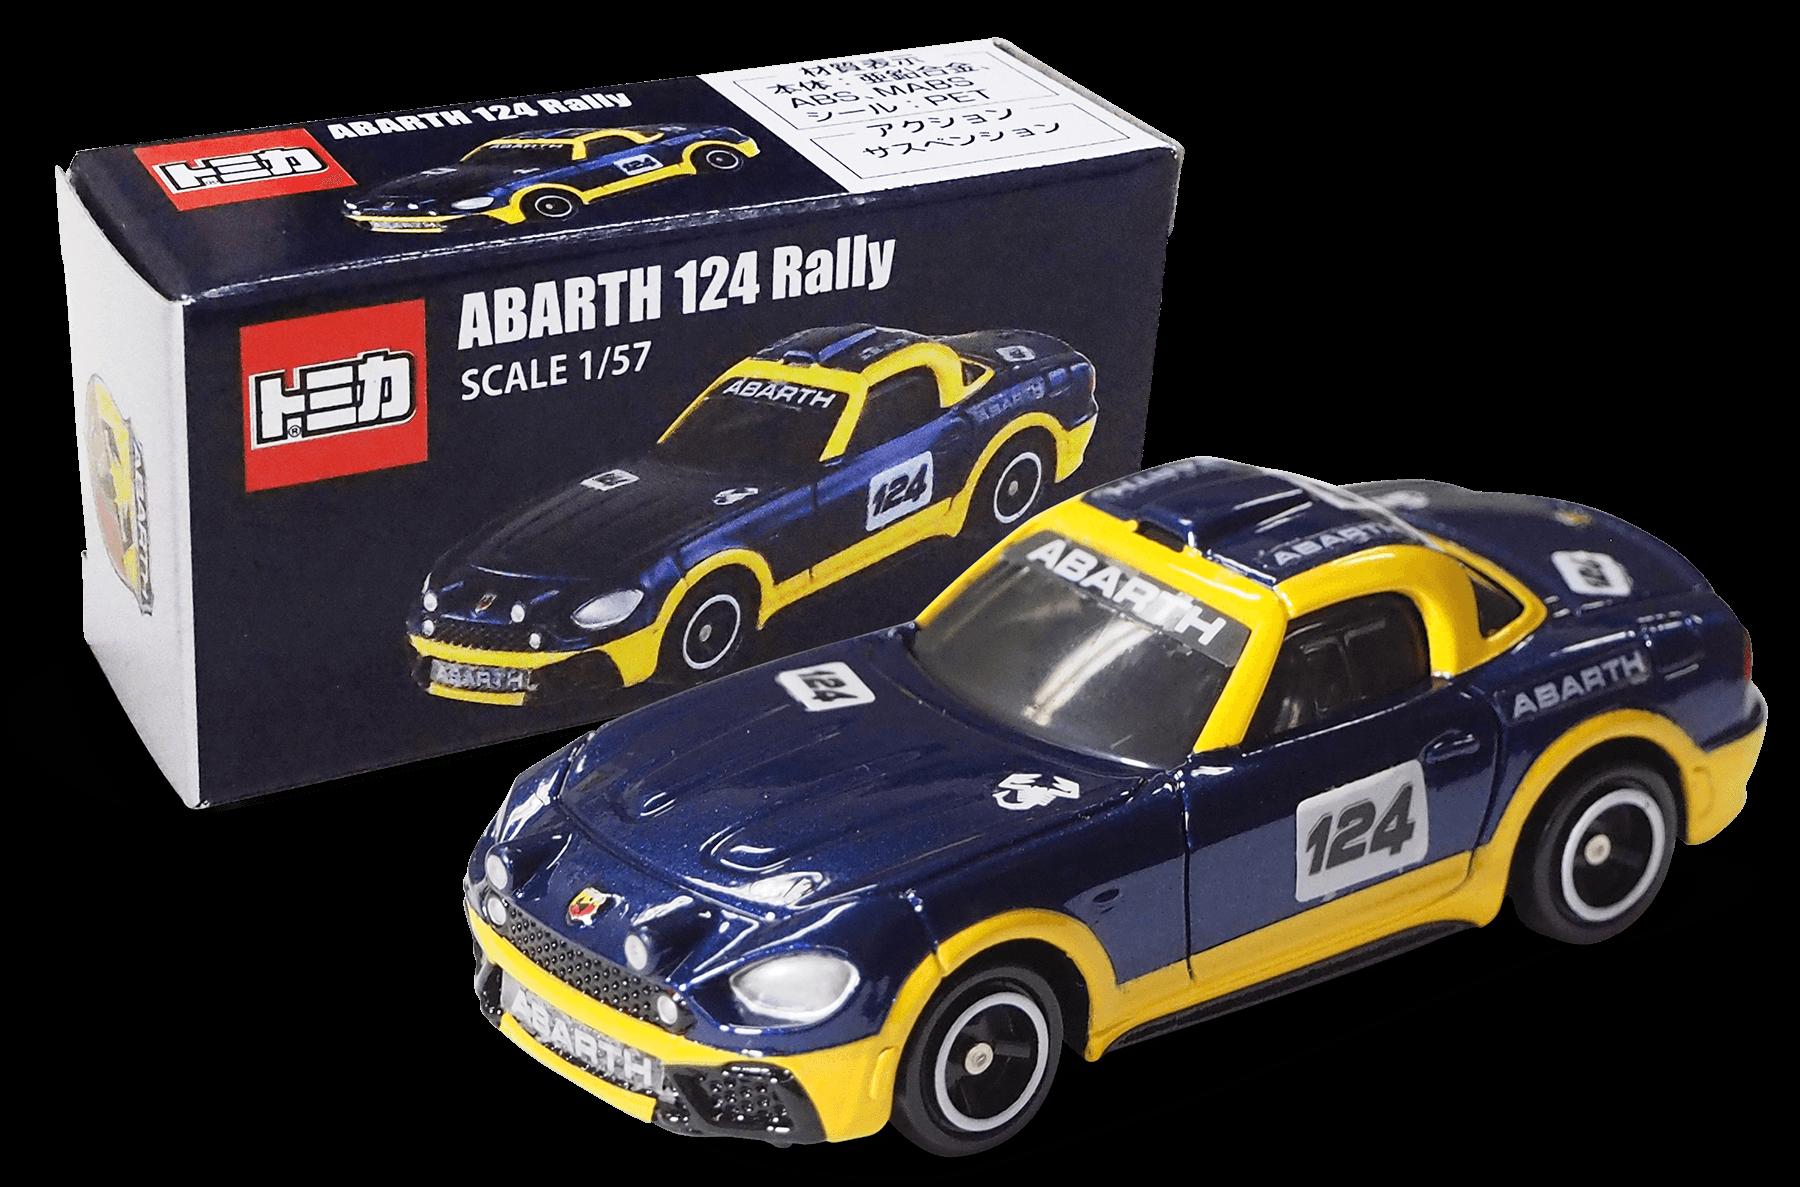 【非売品トミカ】アバルト 124 Rally トミカ スペシャルエディション プレゼント情報